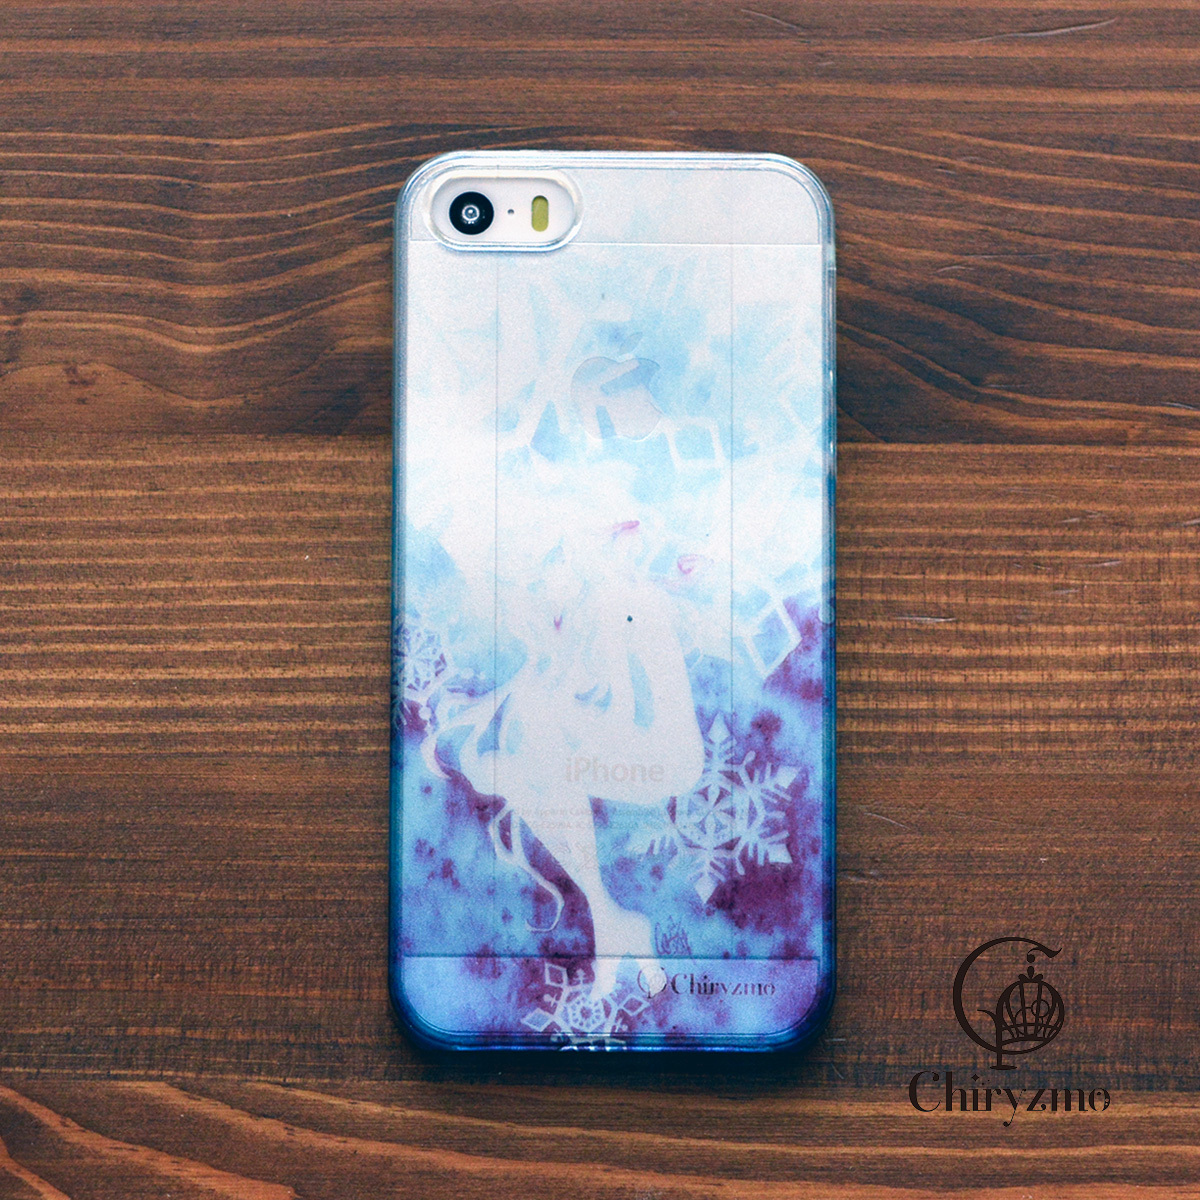 【BASE店限定】アイフォンse ケース クリア iPhoneSE クリアケース キラキラ 大人可愛い 花 むつのはな/Chiryzmo